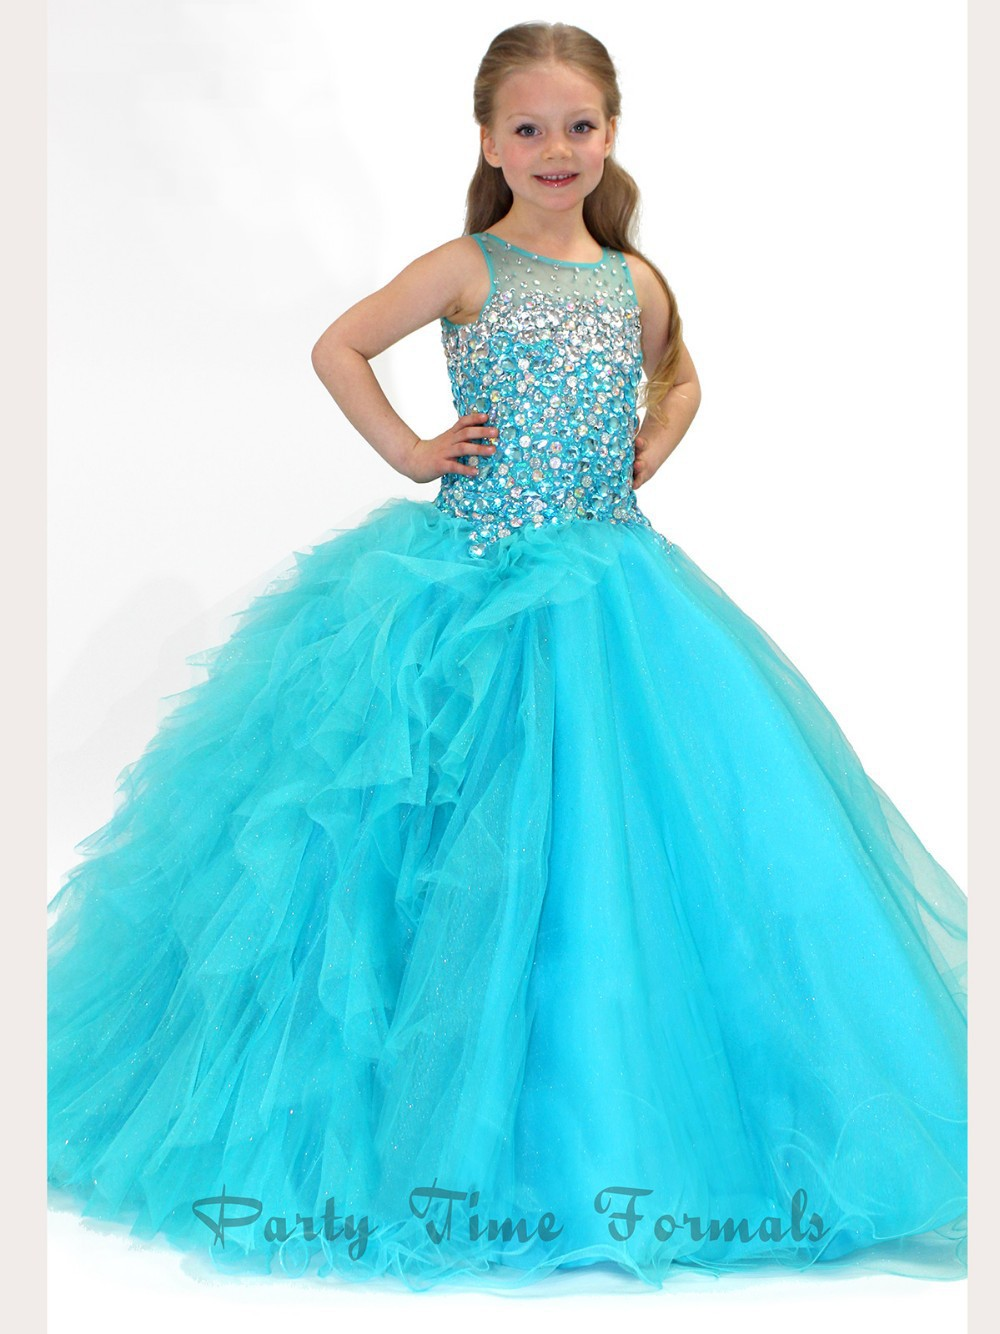 656b2b6189 vestidos azul turquesa para graduacion primaria  caf9986e197d96524462679ca6d91692